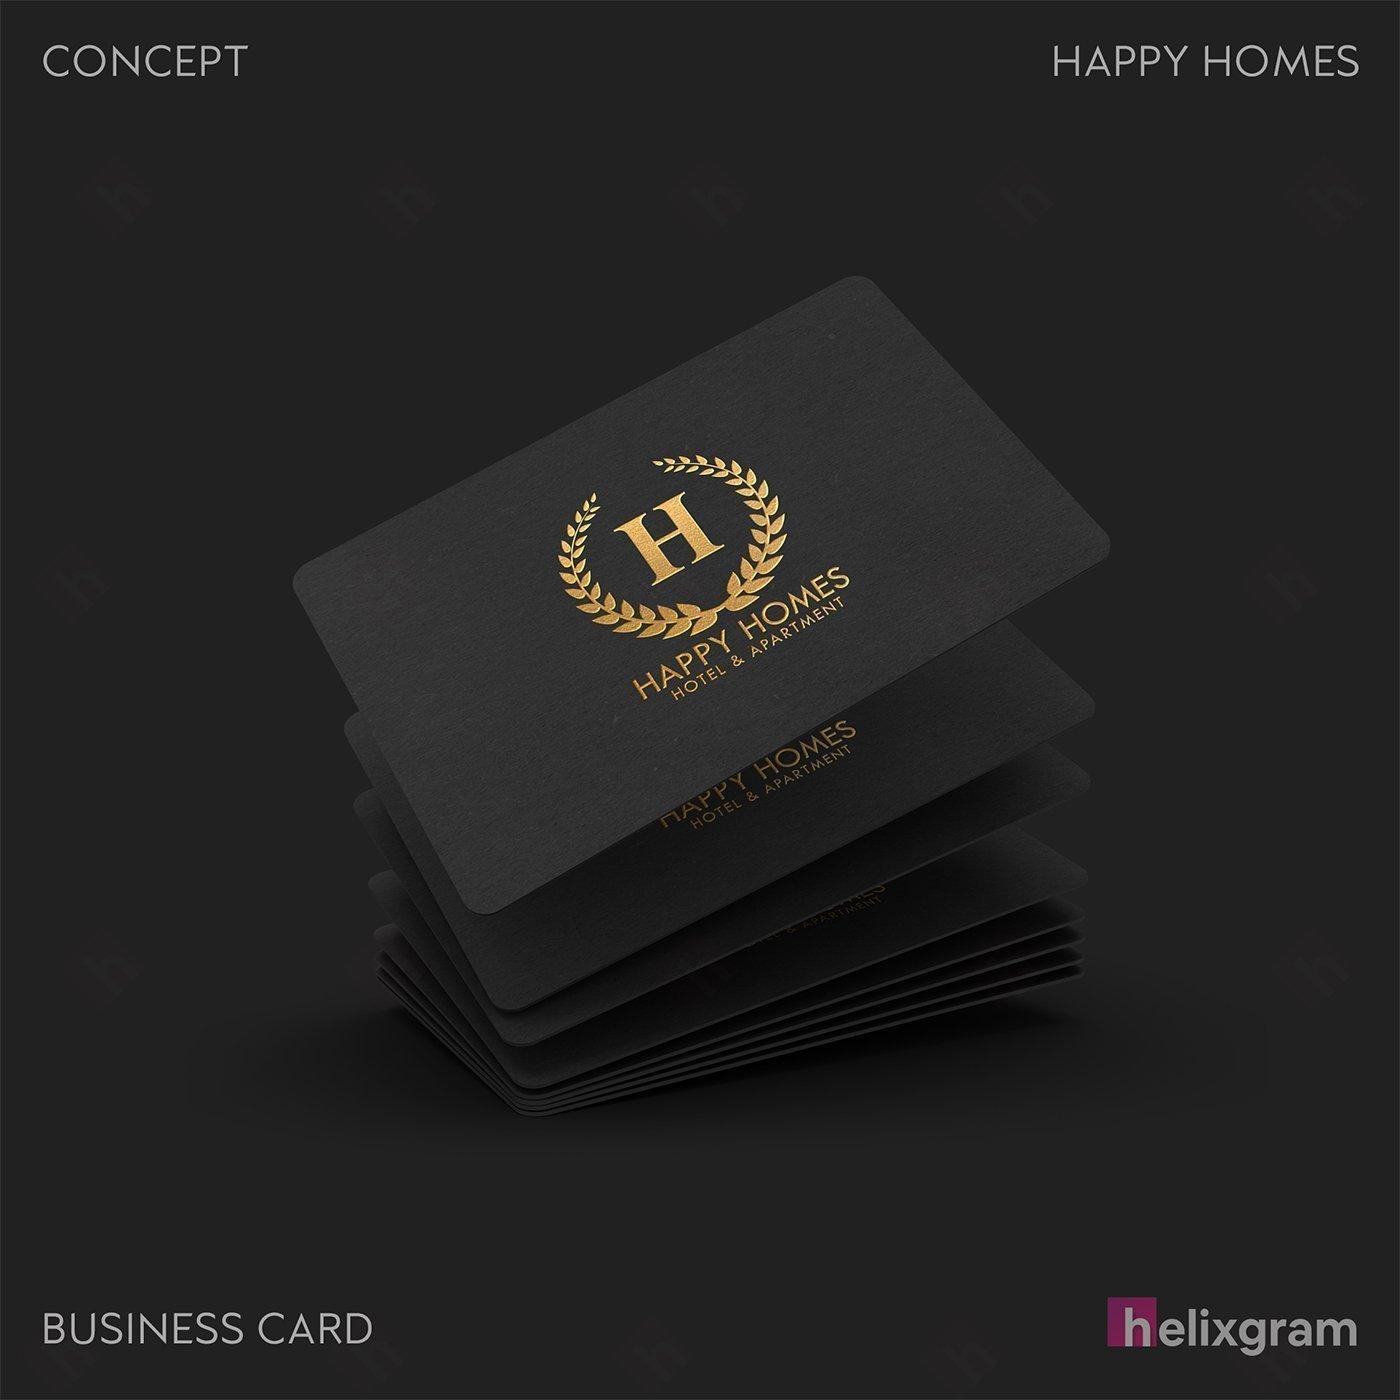 Thiết kế In danh thiếp Nhận diện thương hiệu Happy Homes Sài Gòn Thiết kế thương hiệu thiết kế Logo ấn phẩm truyền thông quảng cáo thiết kế website in ấn túi giấy chất lượng cao Saigon Helixgram Design